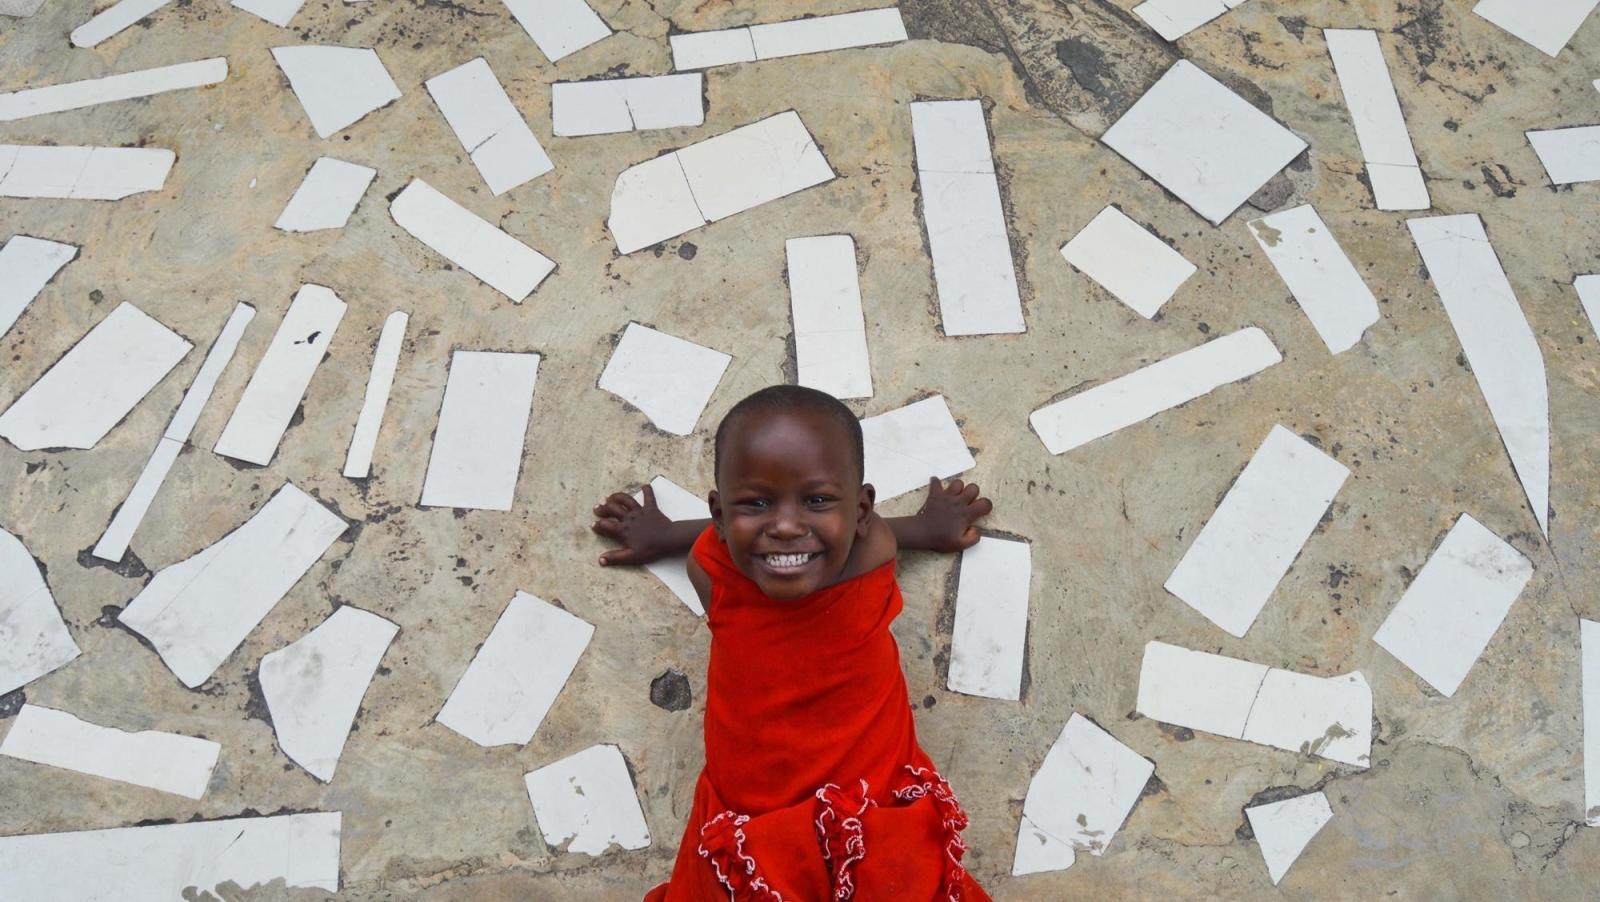 笑顔あふれるアフリカの子供